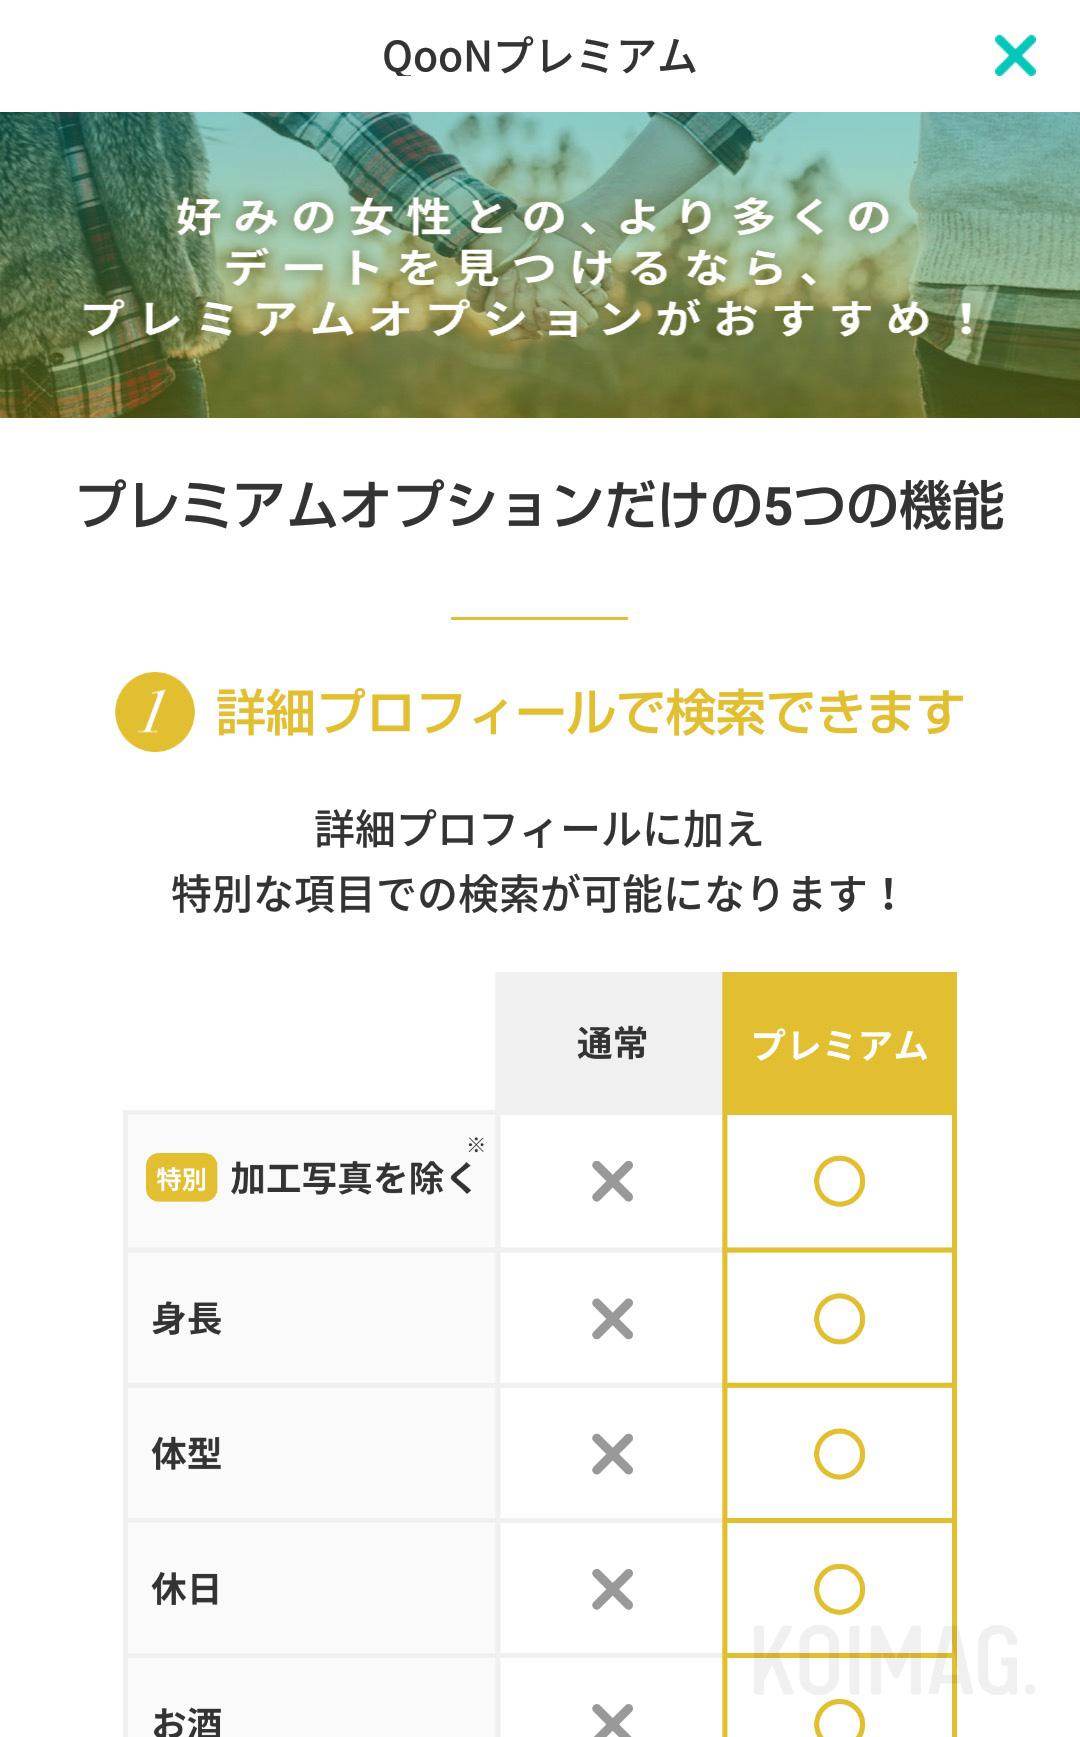 デーティングアプリ『QooN』のプレミアムモードについて。